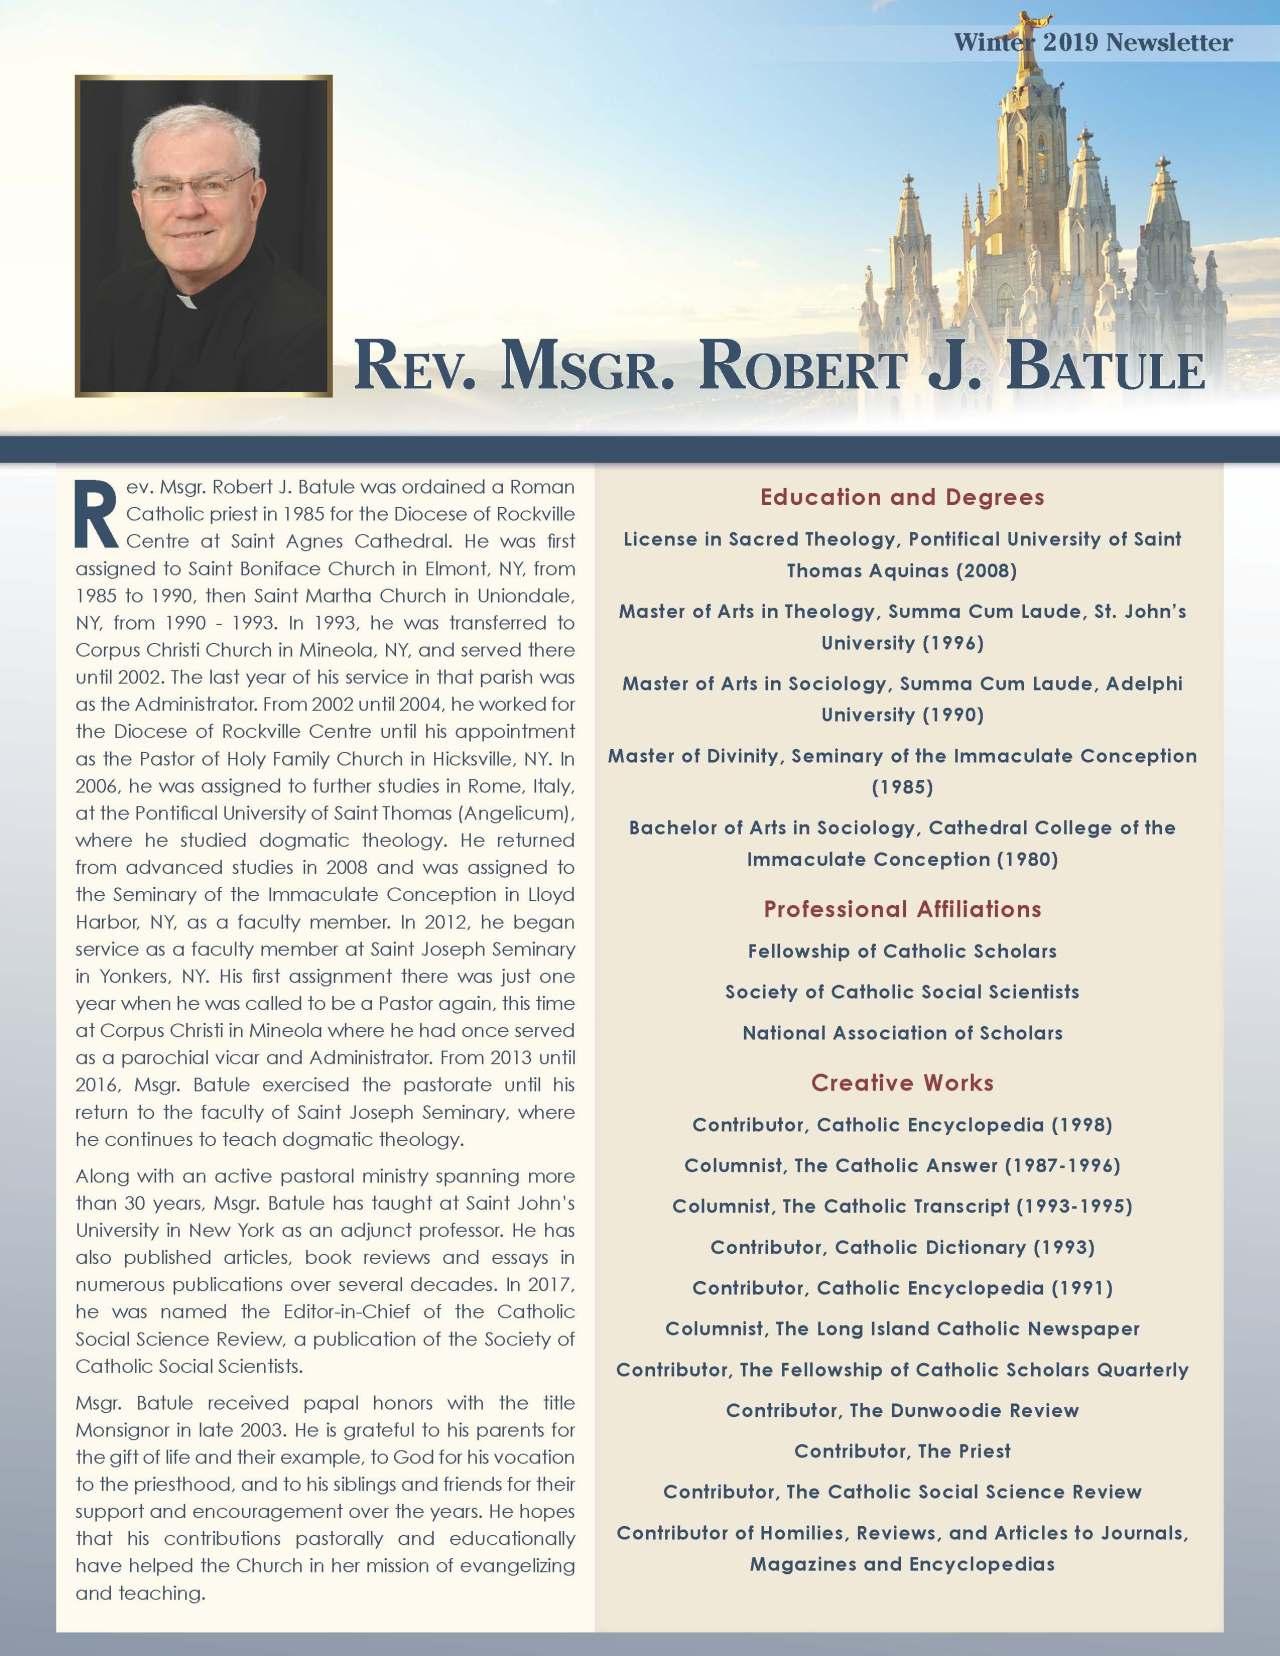 Batule, Robert 2185963_28641447 Newsletter REVISED.jpg